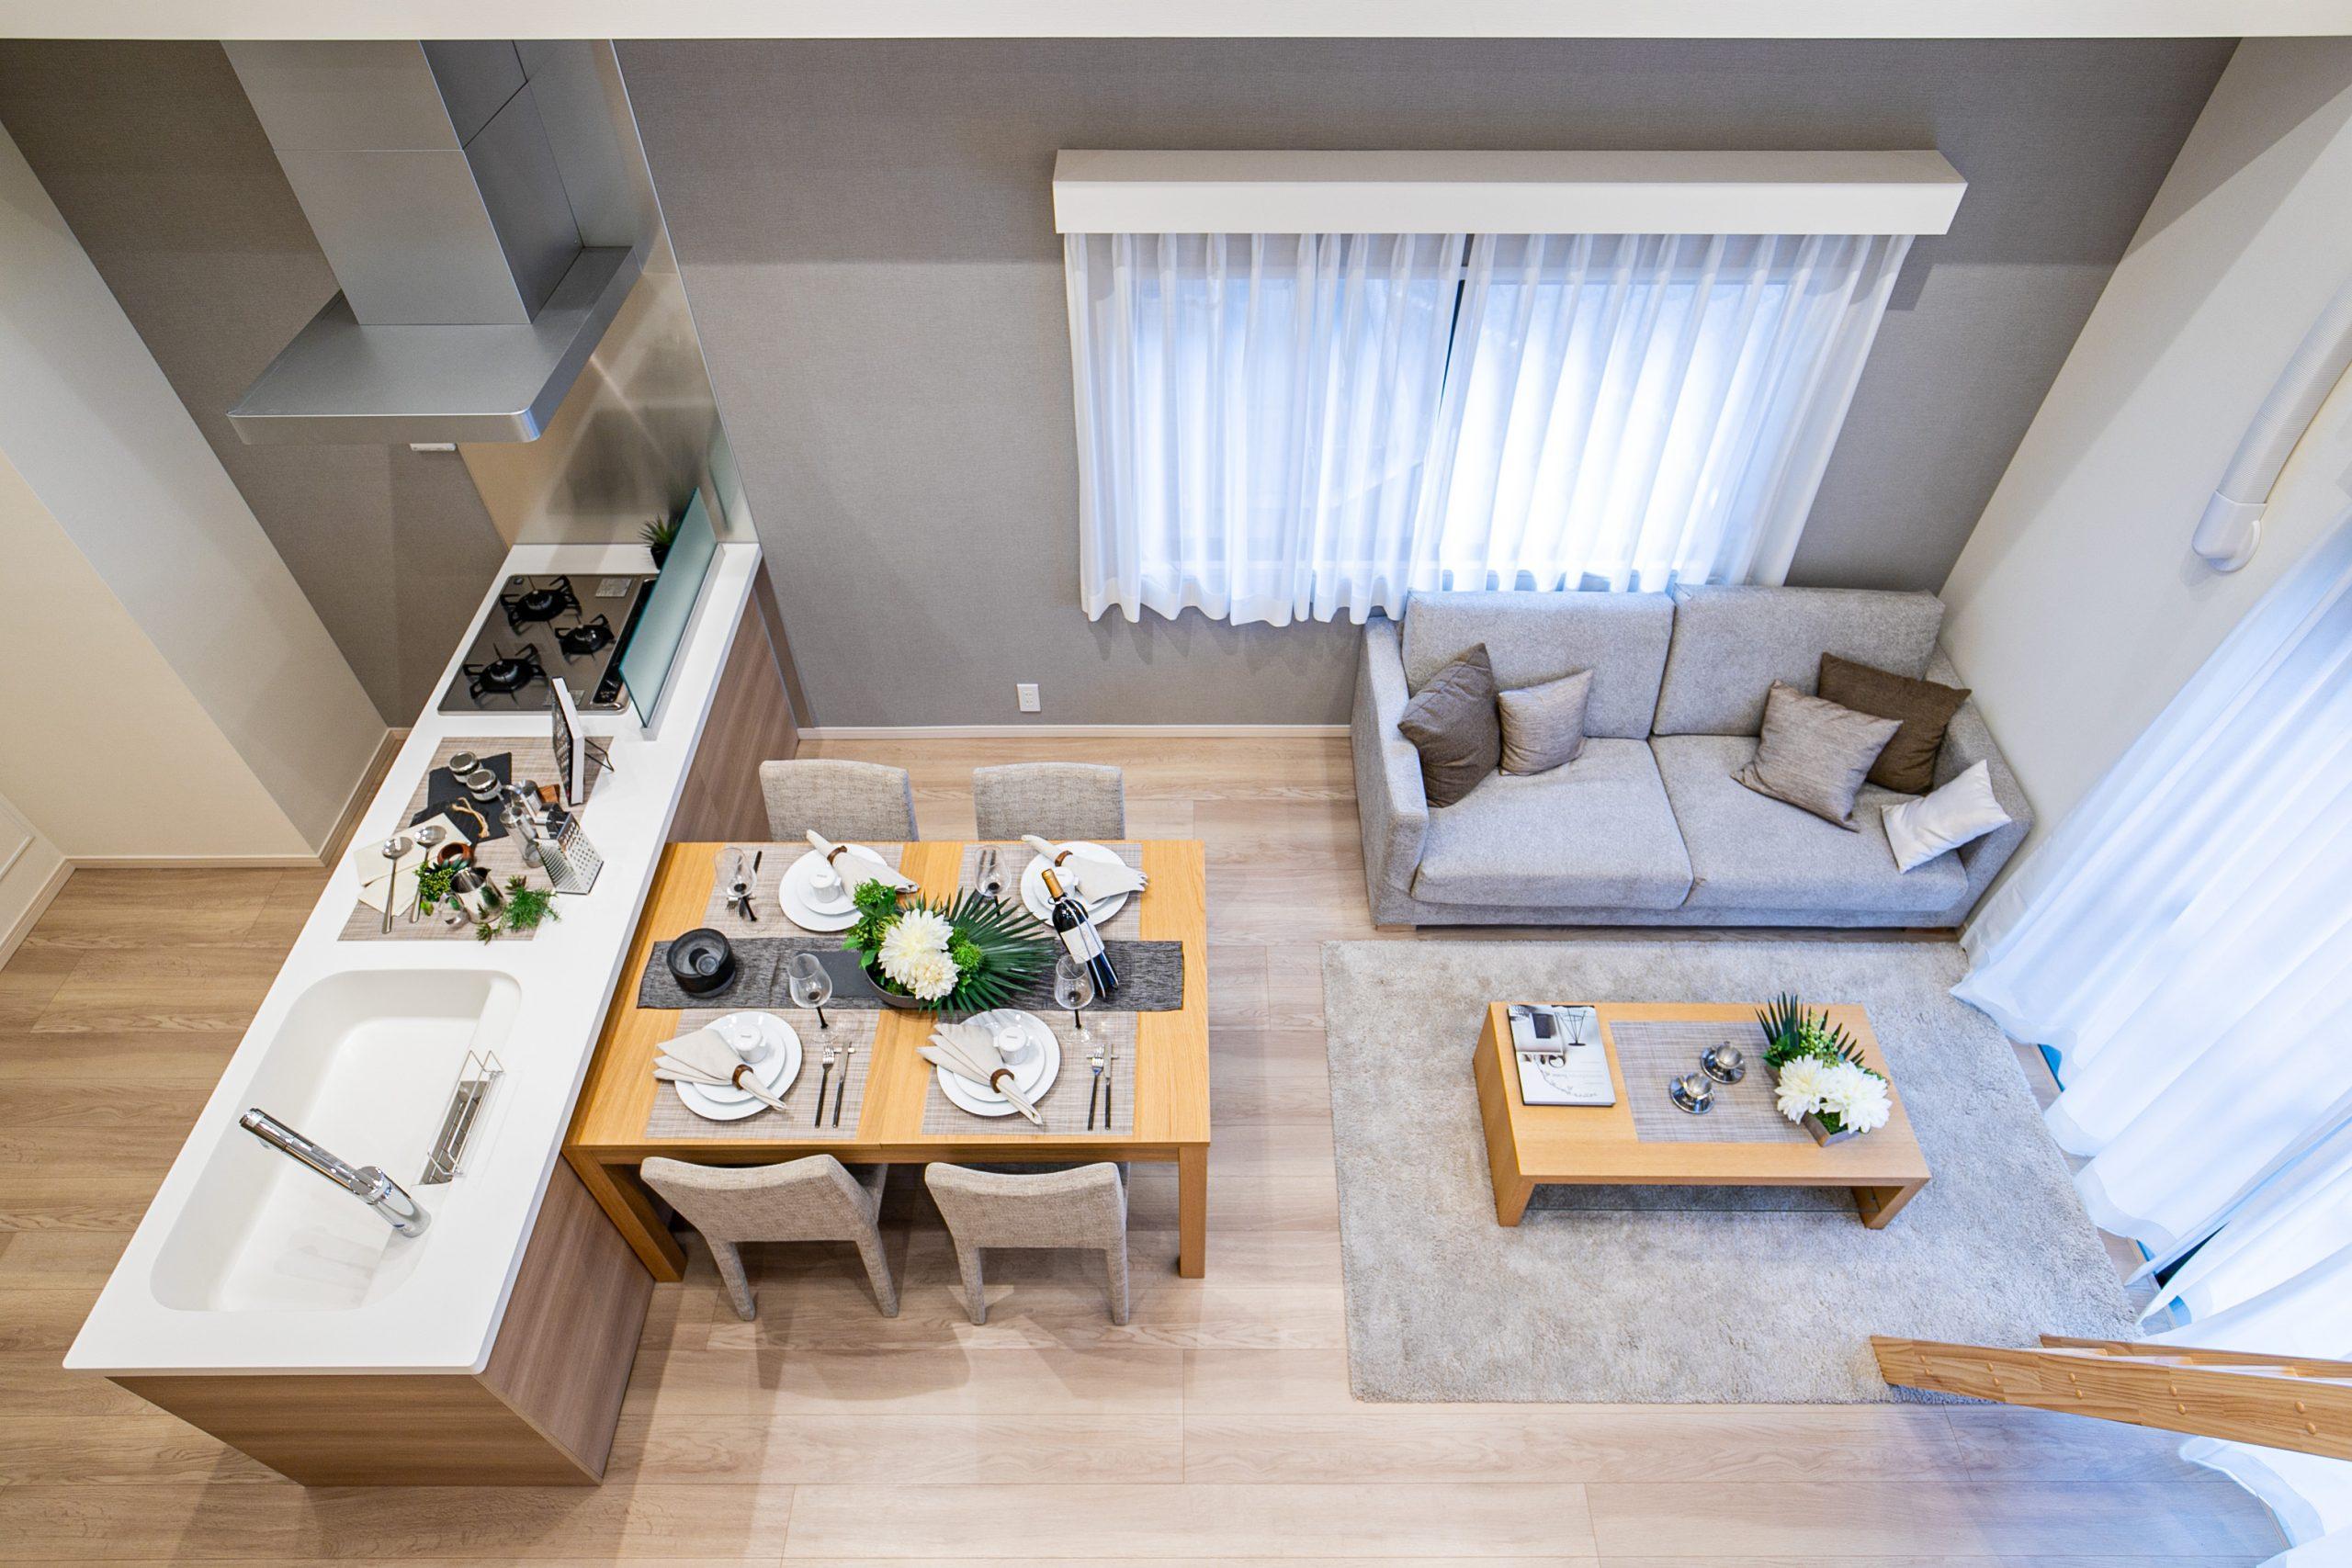 蒲田 天井の高い、開放感あふれた生活空間